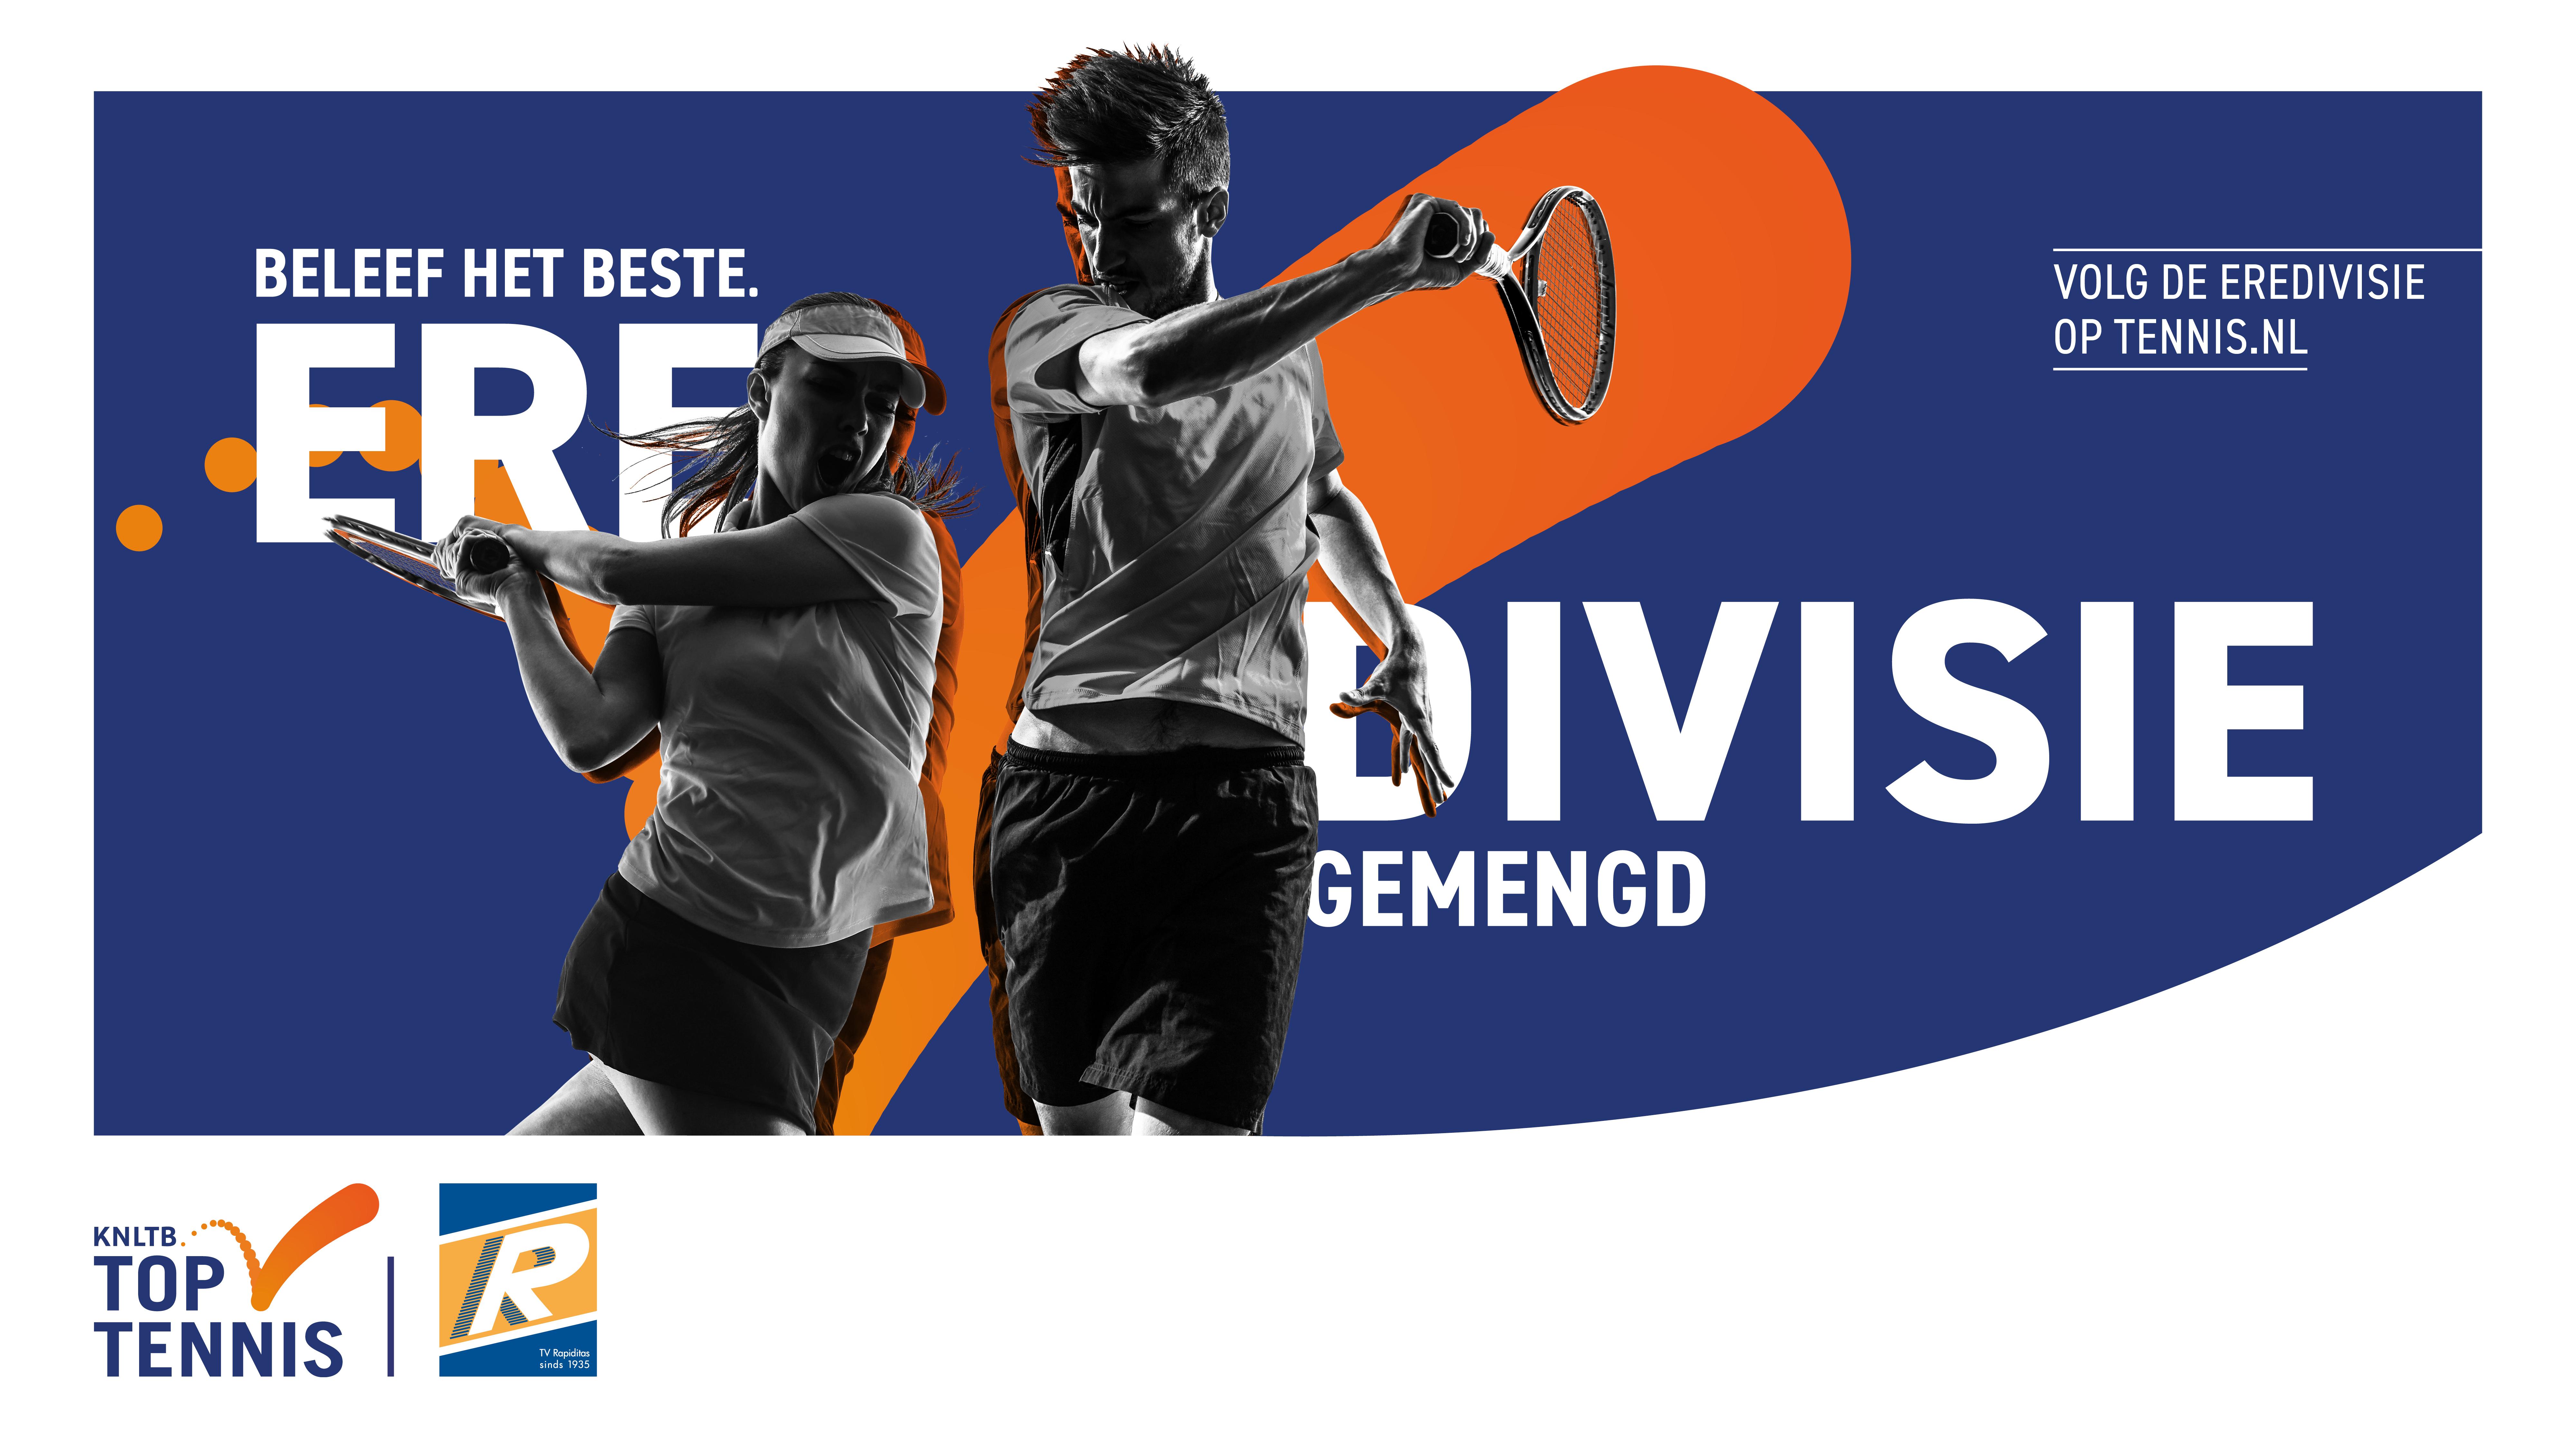 TopTennis Eredivisie Gemengd Website Banner 19201080 007 (002).jpg